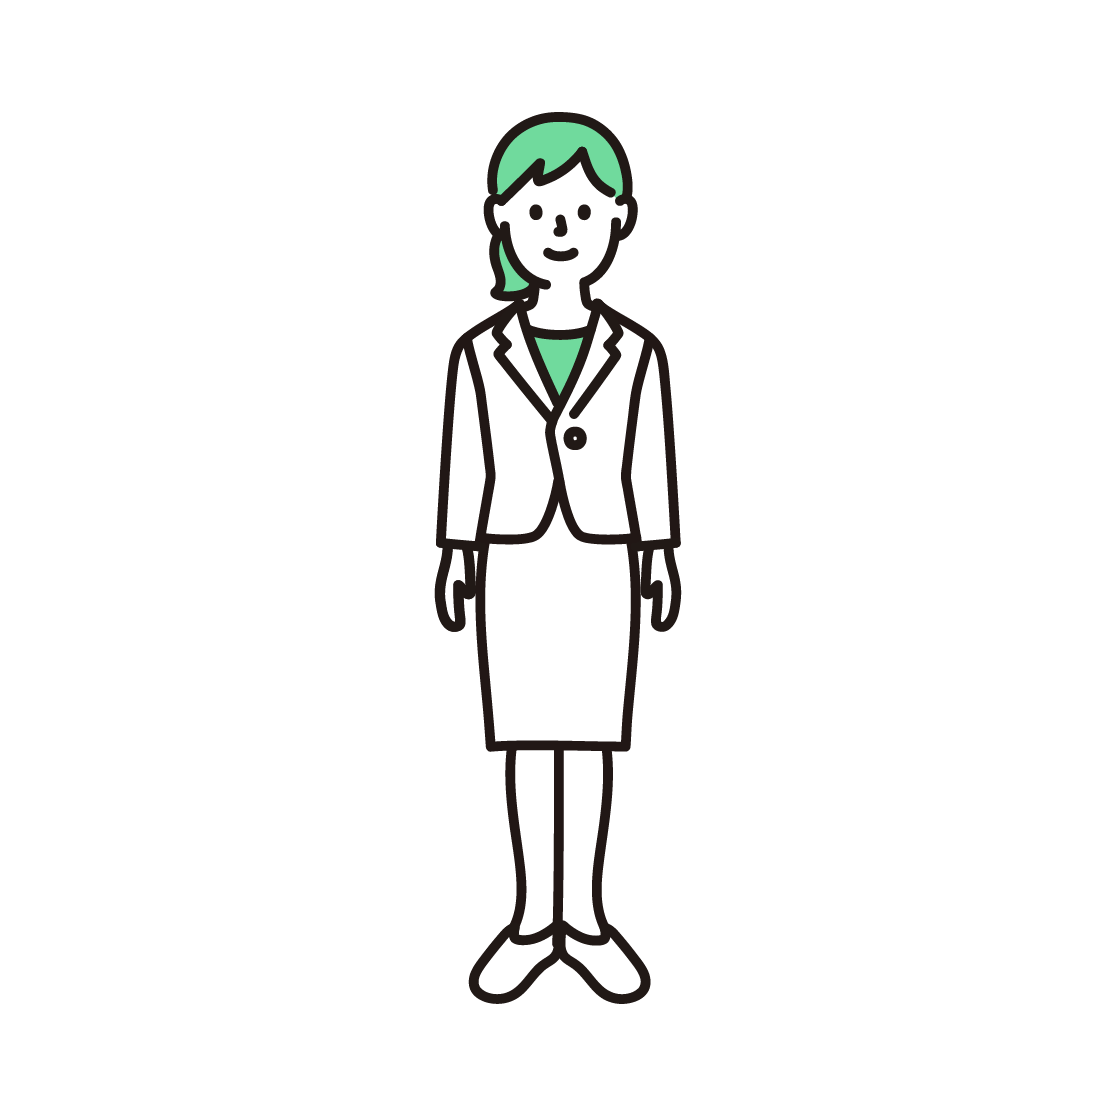 スーツを着た女性の単色イラスト